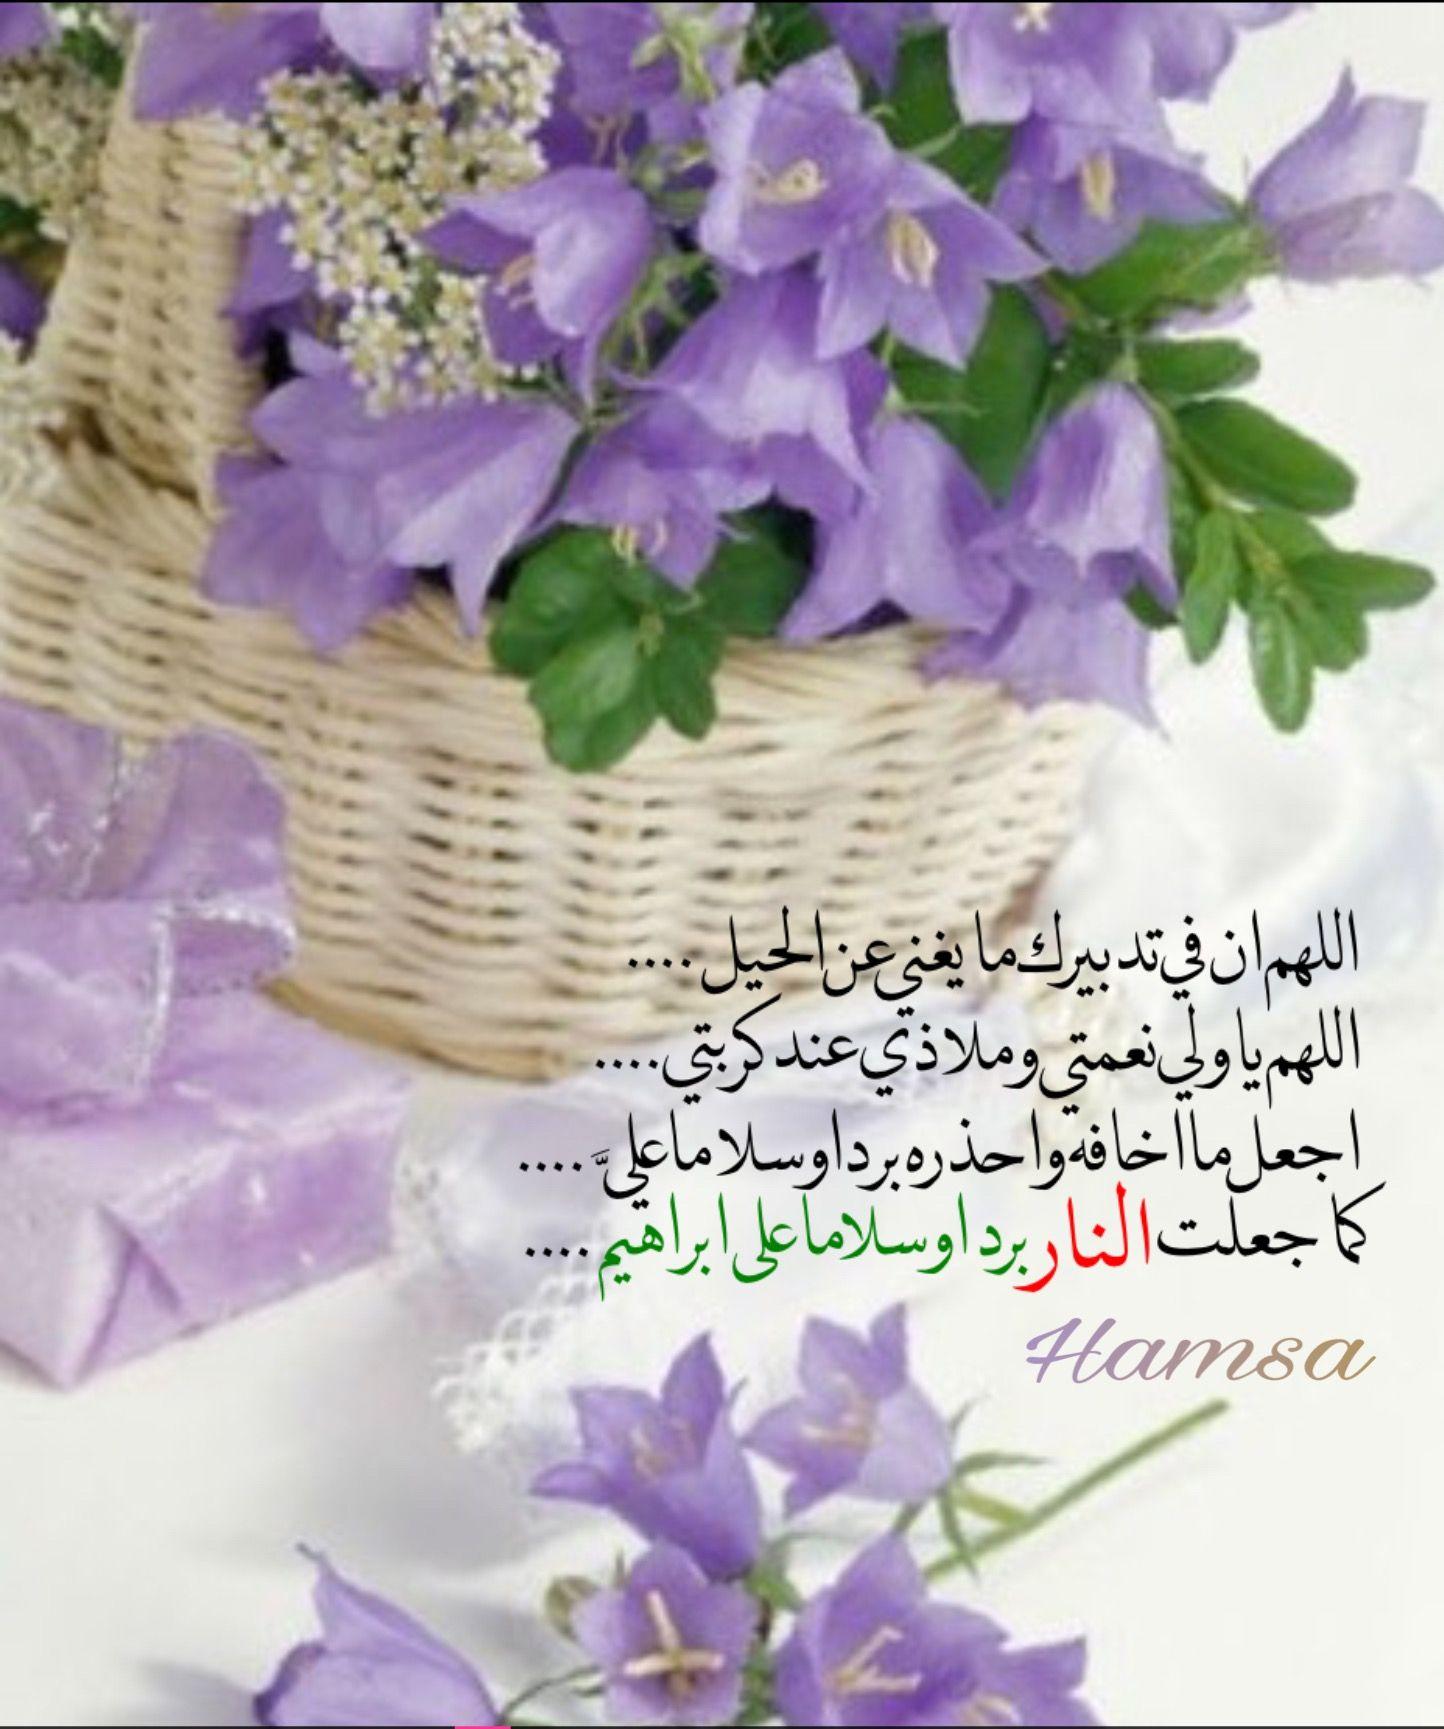 اللهم ان في تدبيرك ما يغني عن الحيل اللهم ياولي نعمتي وملاذي عند كربتي اجعل مااخافه واحذره بردا وسلاما علي كما جعلت النار ب Allah Islam Flowers Eid Mubarak